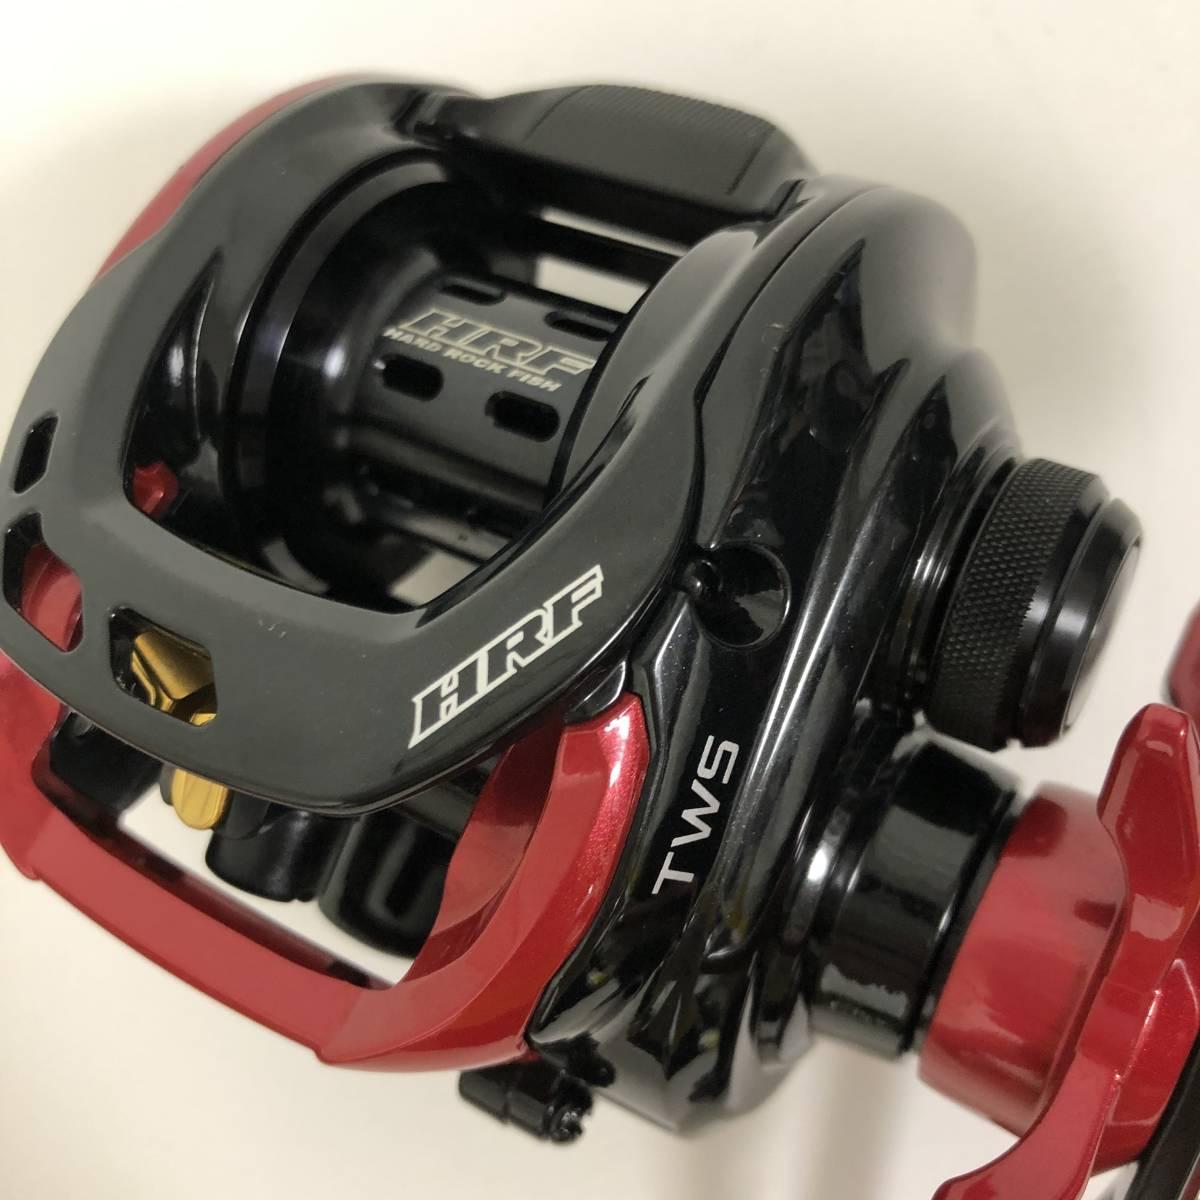 ダイワ リール HRF PEスペシャル 7.3-TW 左ハンドル ロックフィッシュ・シーバス 海釣り(N1012_4)_画像7